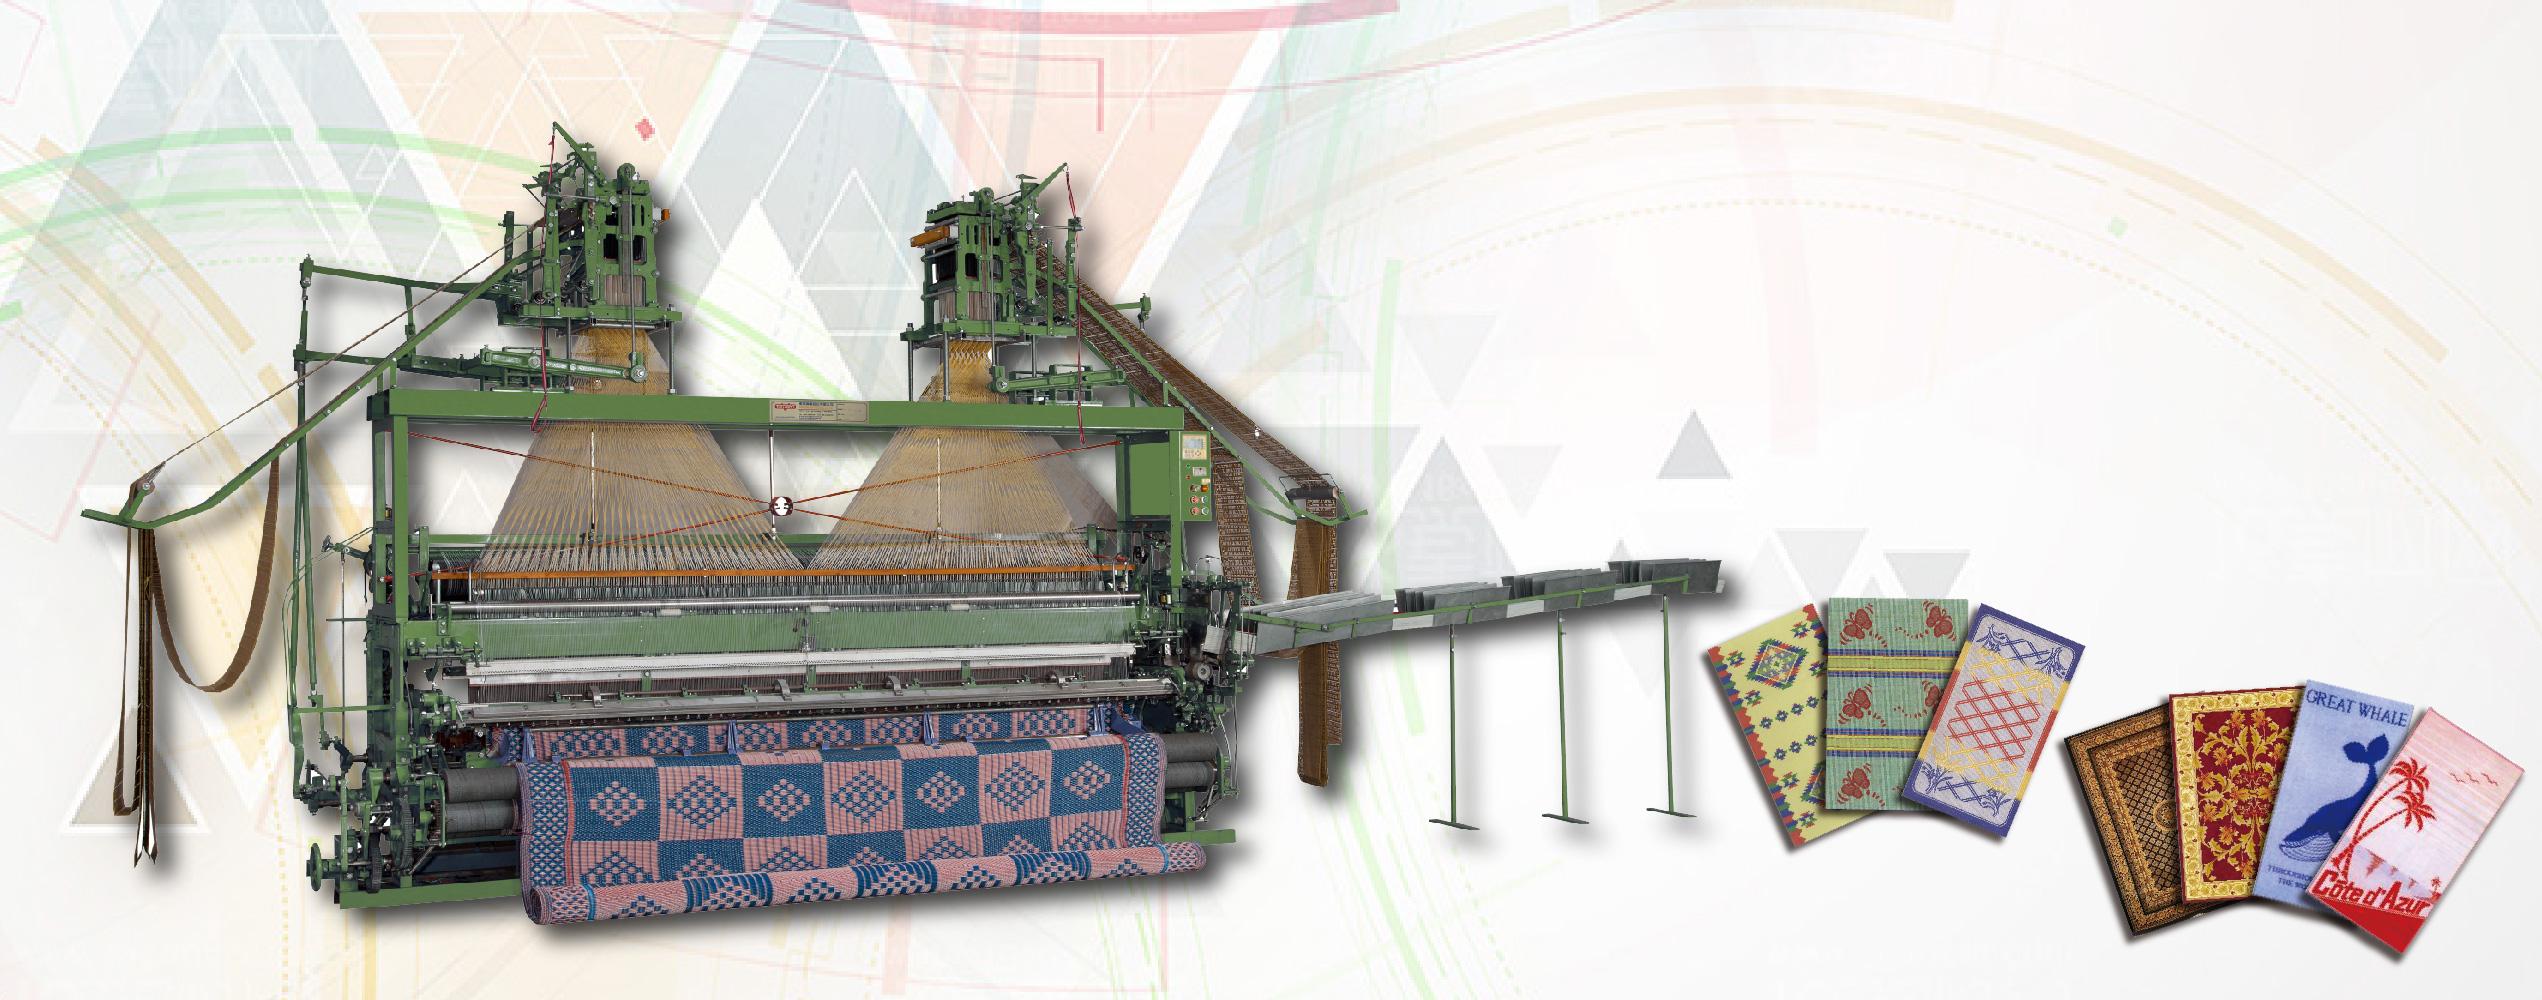 ऑटो जैक्वार्ड वीविंग मशीन